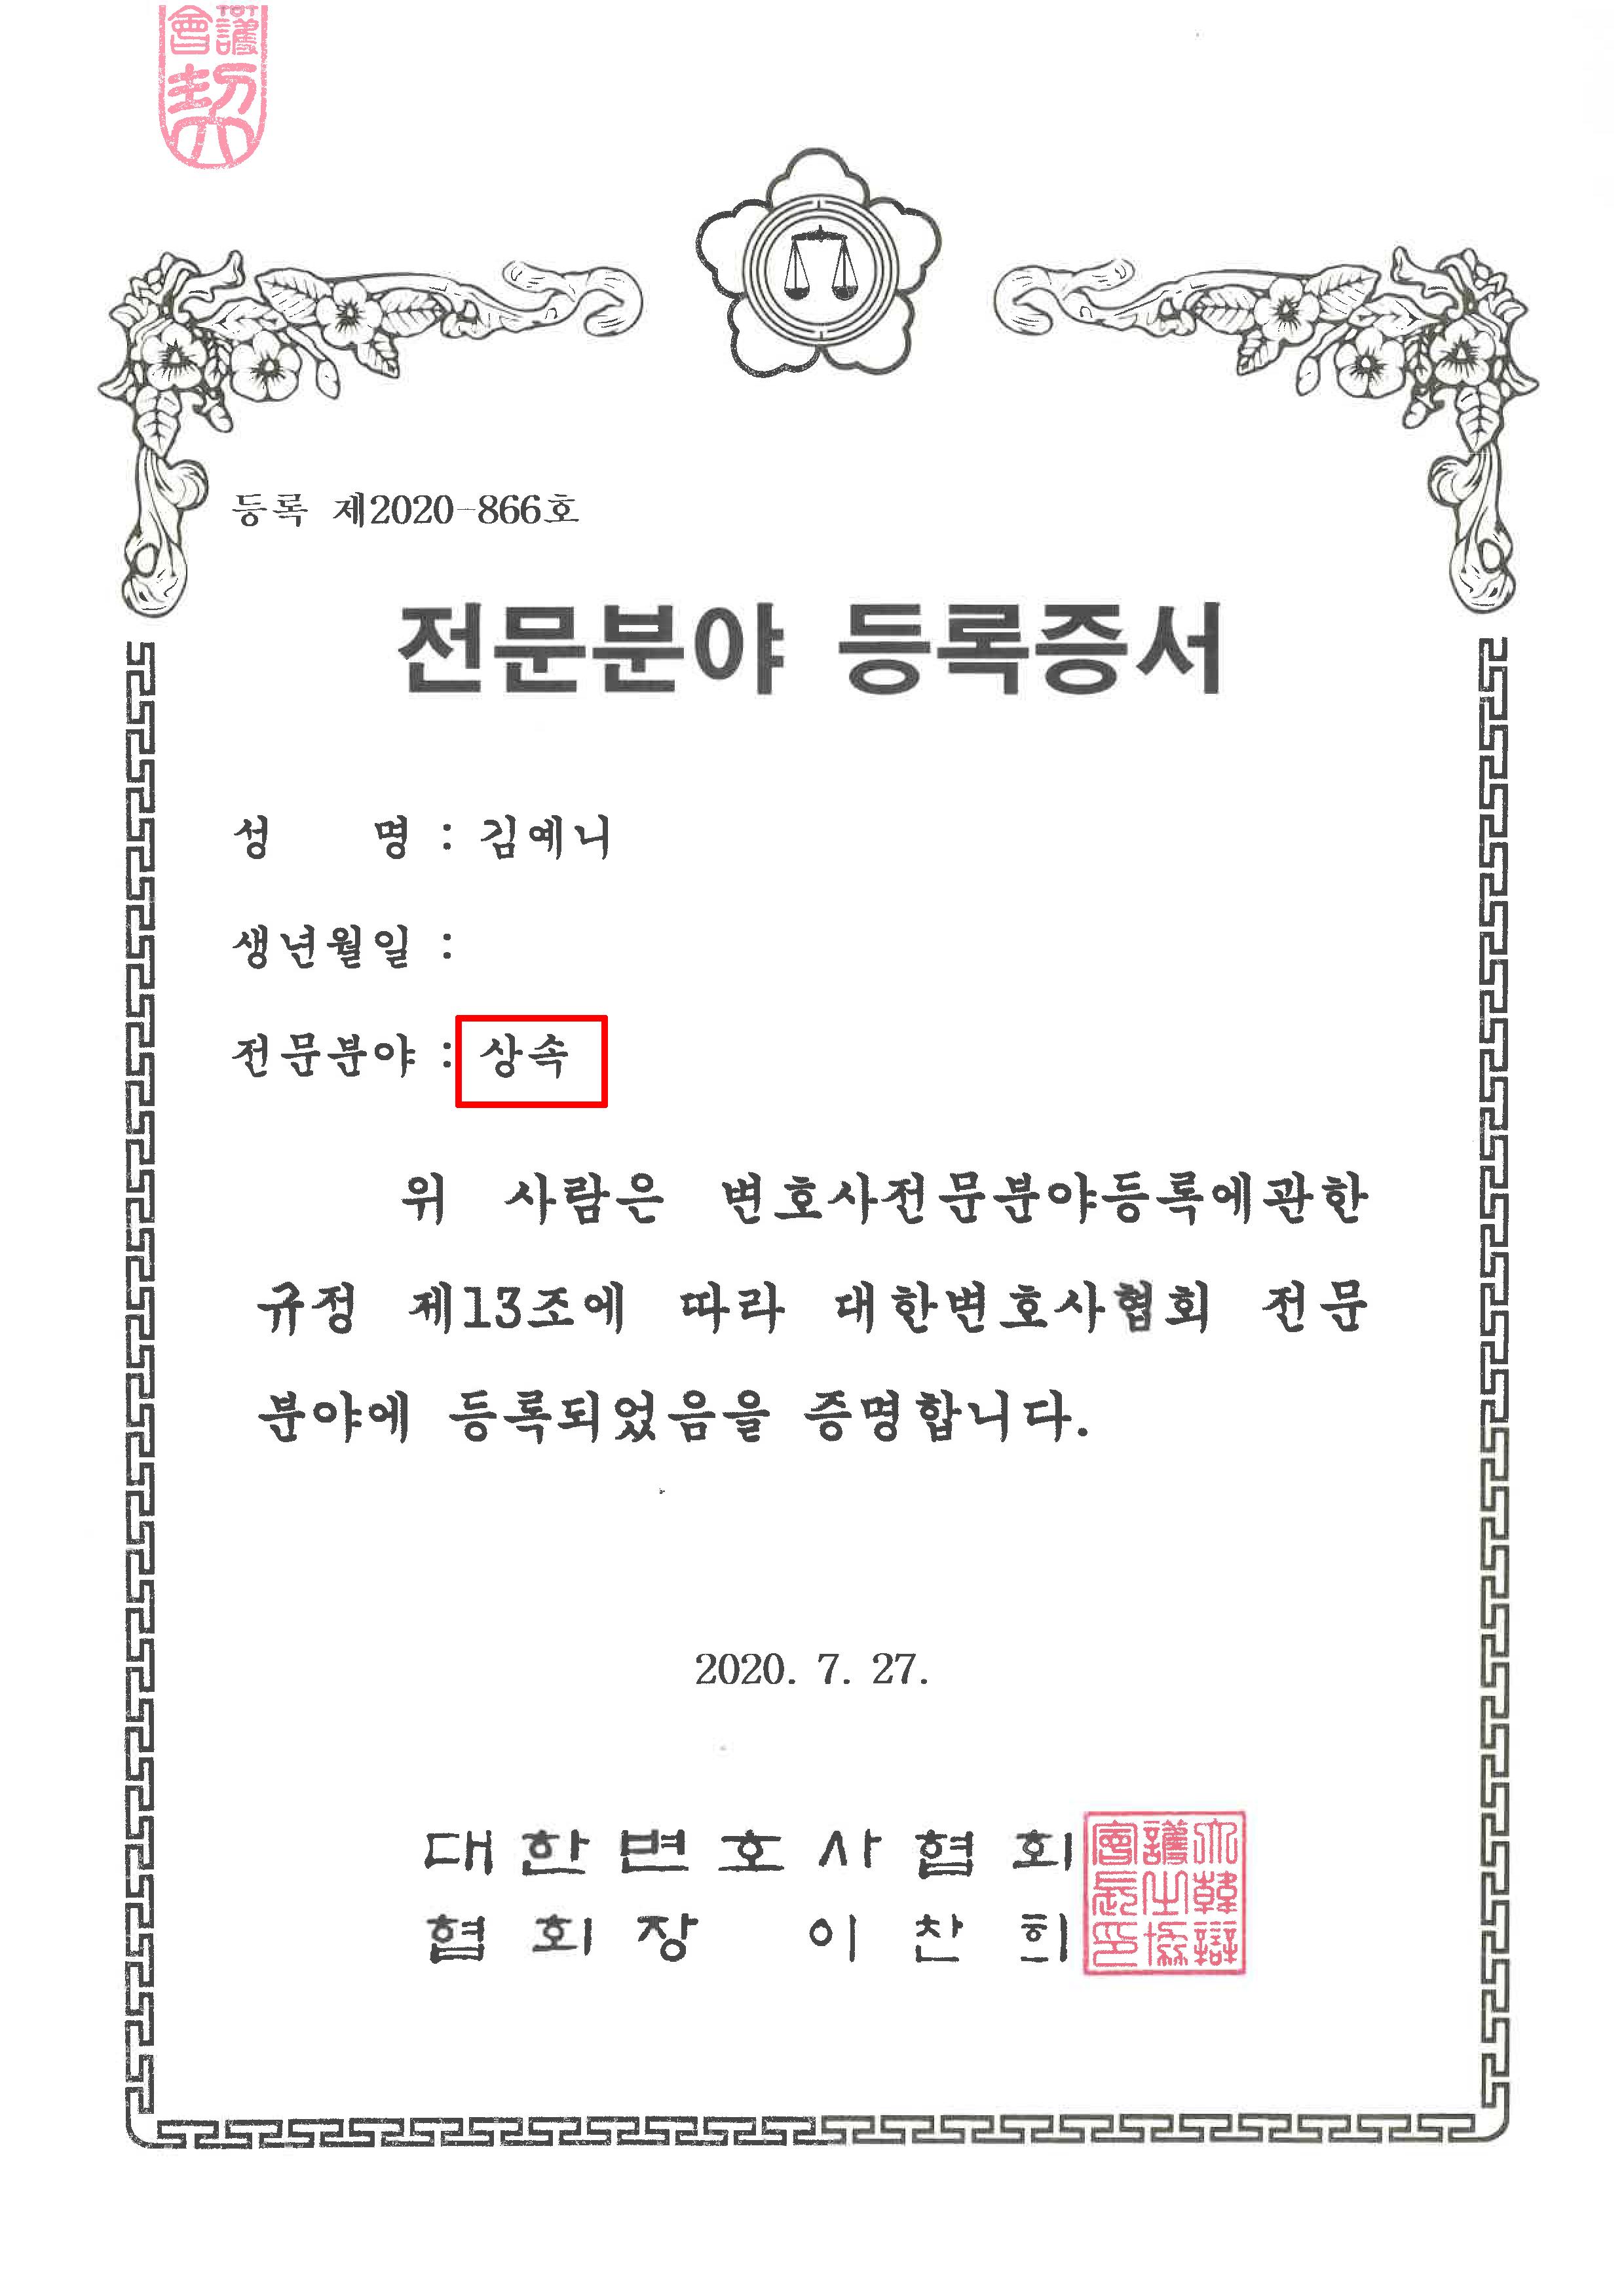 김예니 변호사 상속전문등록